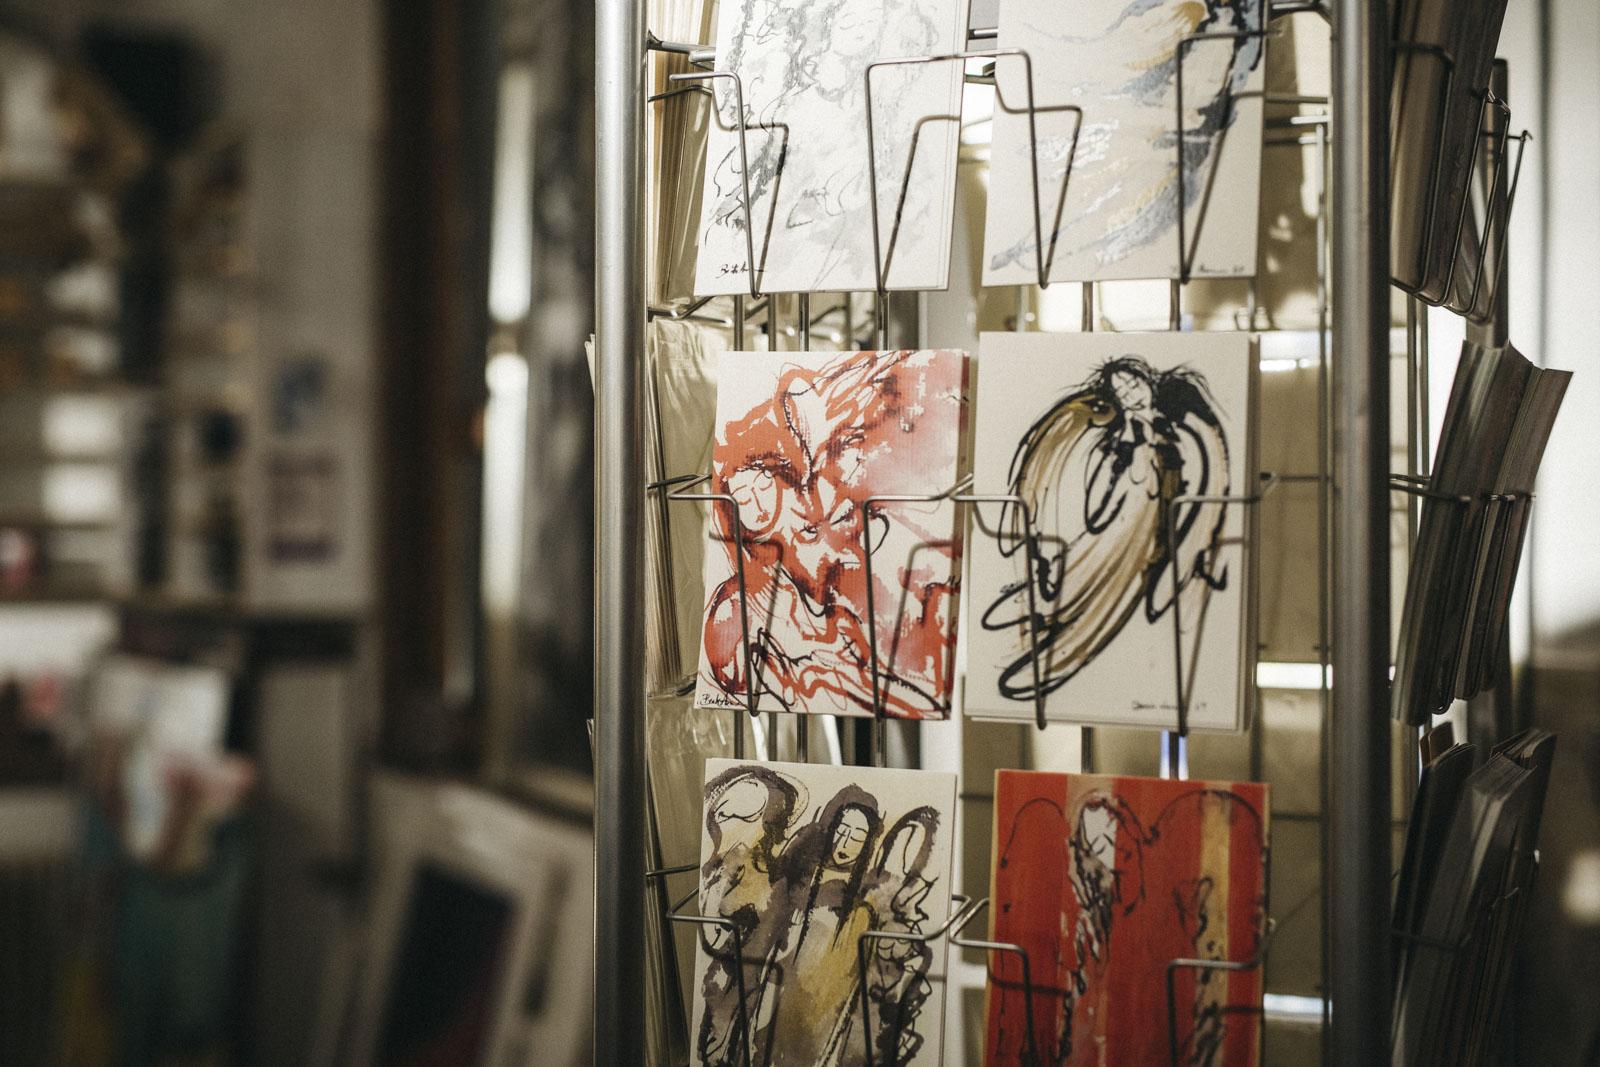 raissa-simon-fotografie_beate-axmann_atelier_ausstellung2018_schwarzwald_014.JPG